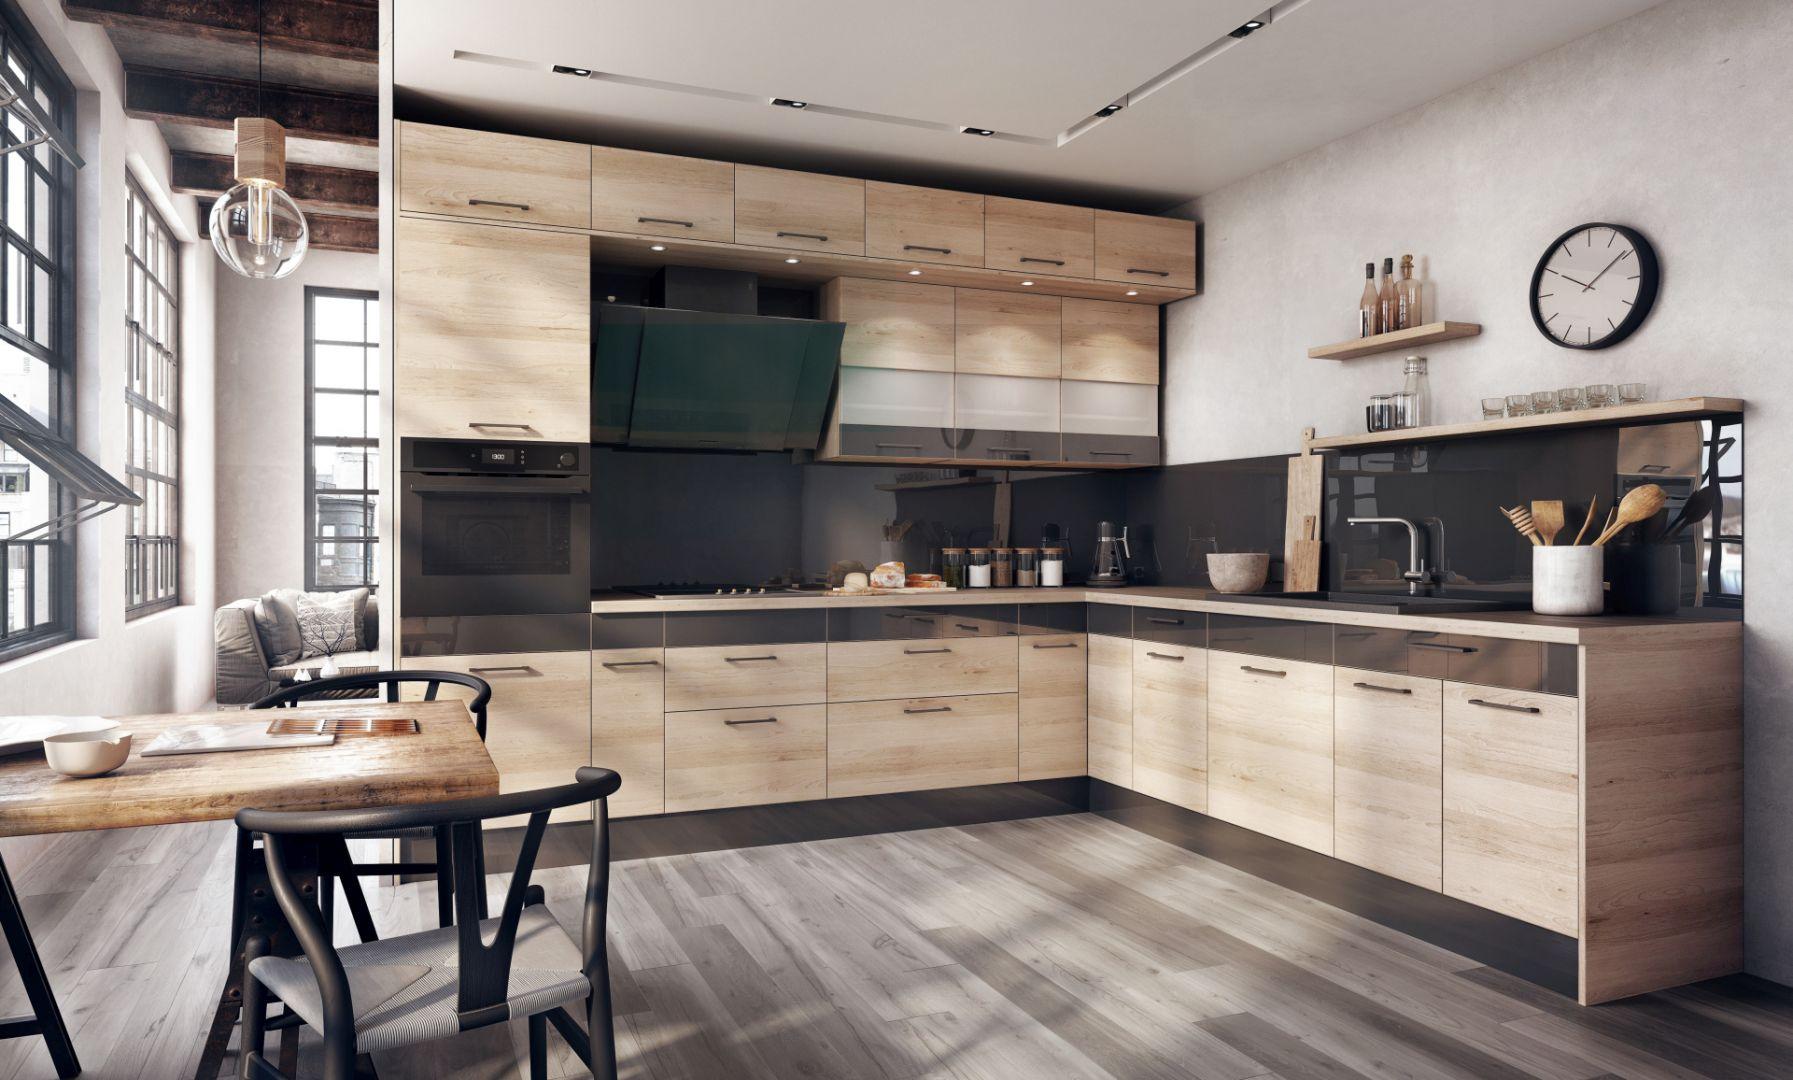 Zlewozmywak jest na widoku, dlatego w trosce o nienaganny wygląd kuchni, powinniśmy z dużą starannością dobrać go do stylistyki i kolorystyki wnętrza. Fot. KAM